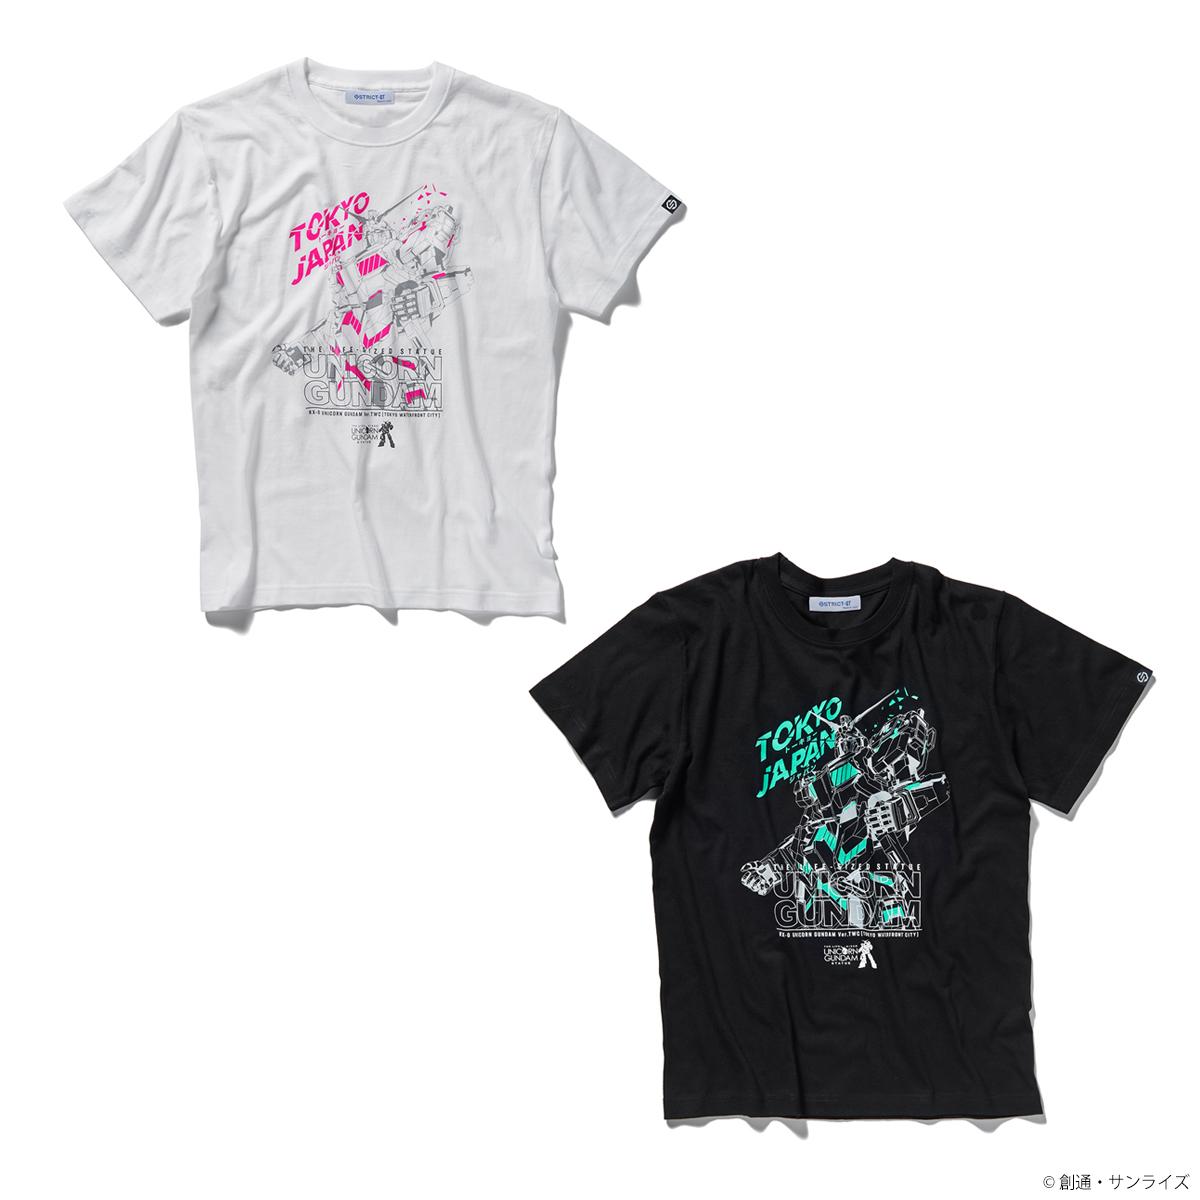 実物大 ユニコーンガンダム立像Tシャツ TOKYO JAPAN柄